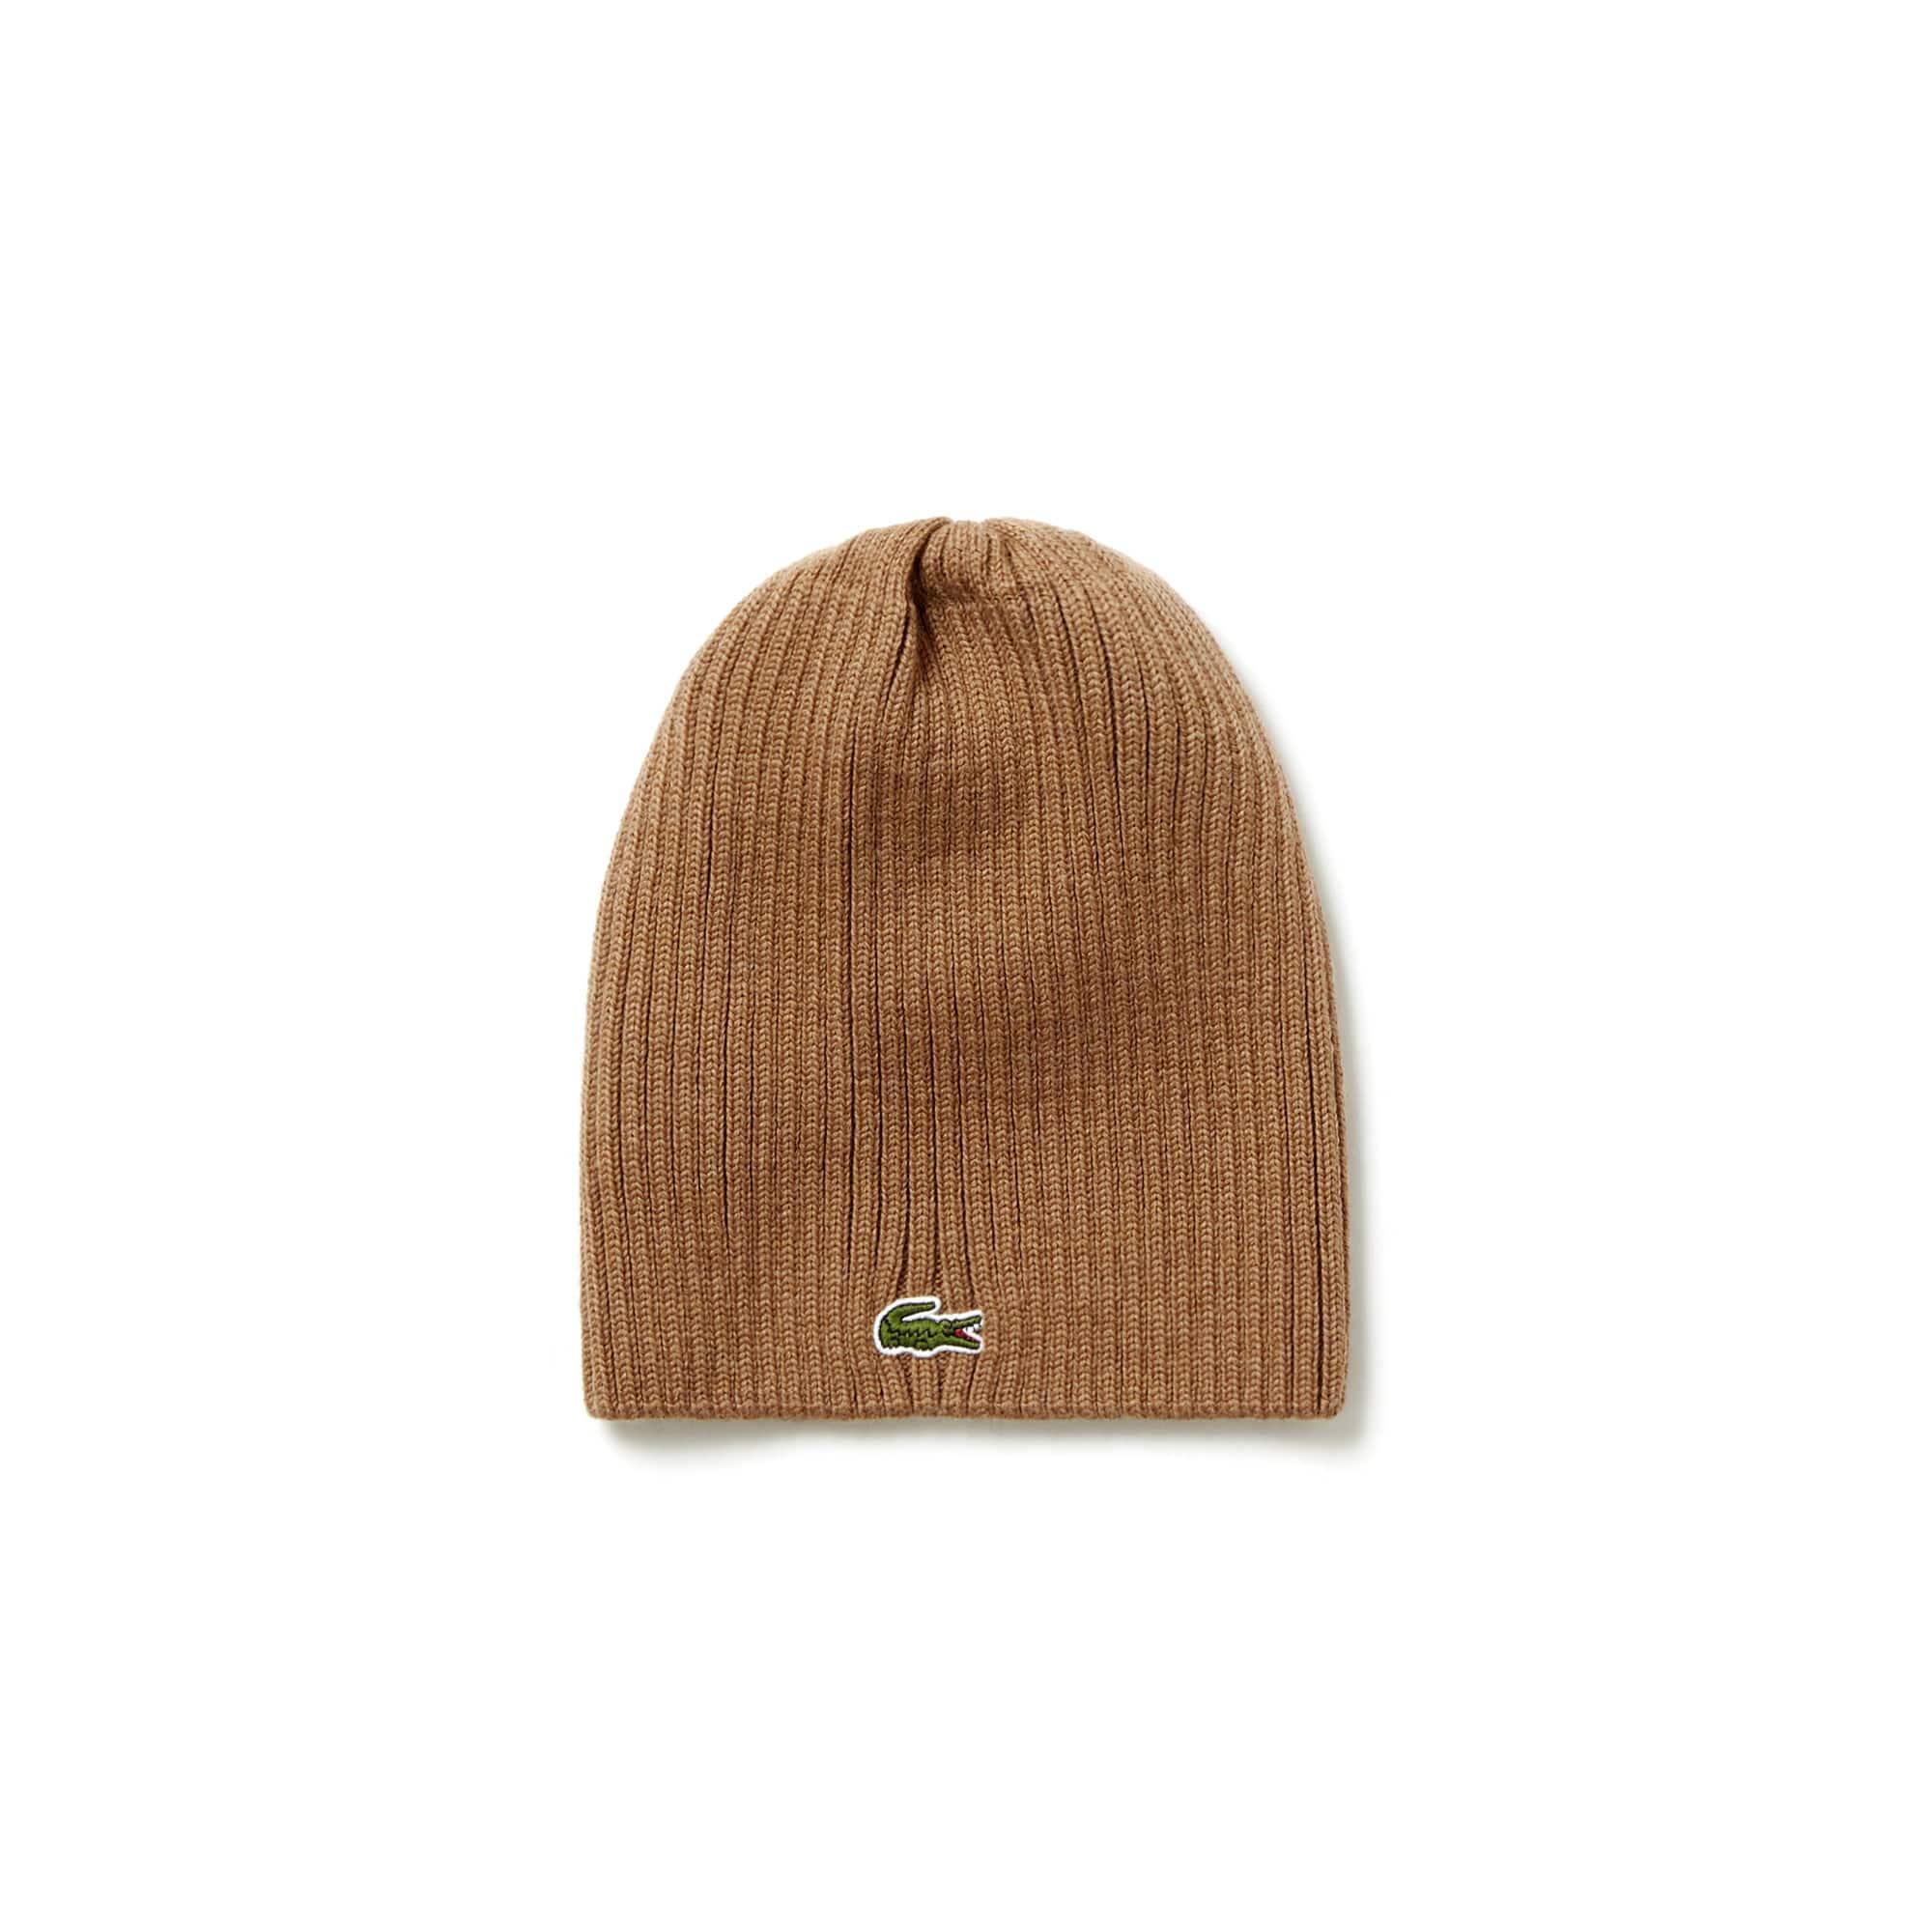 Bonnet en laine côtelée